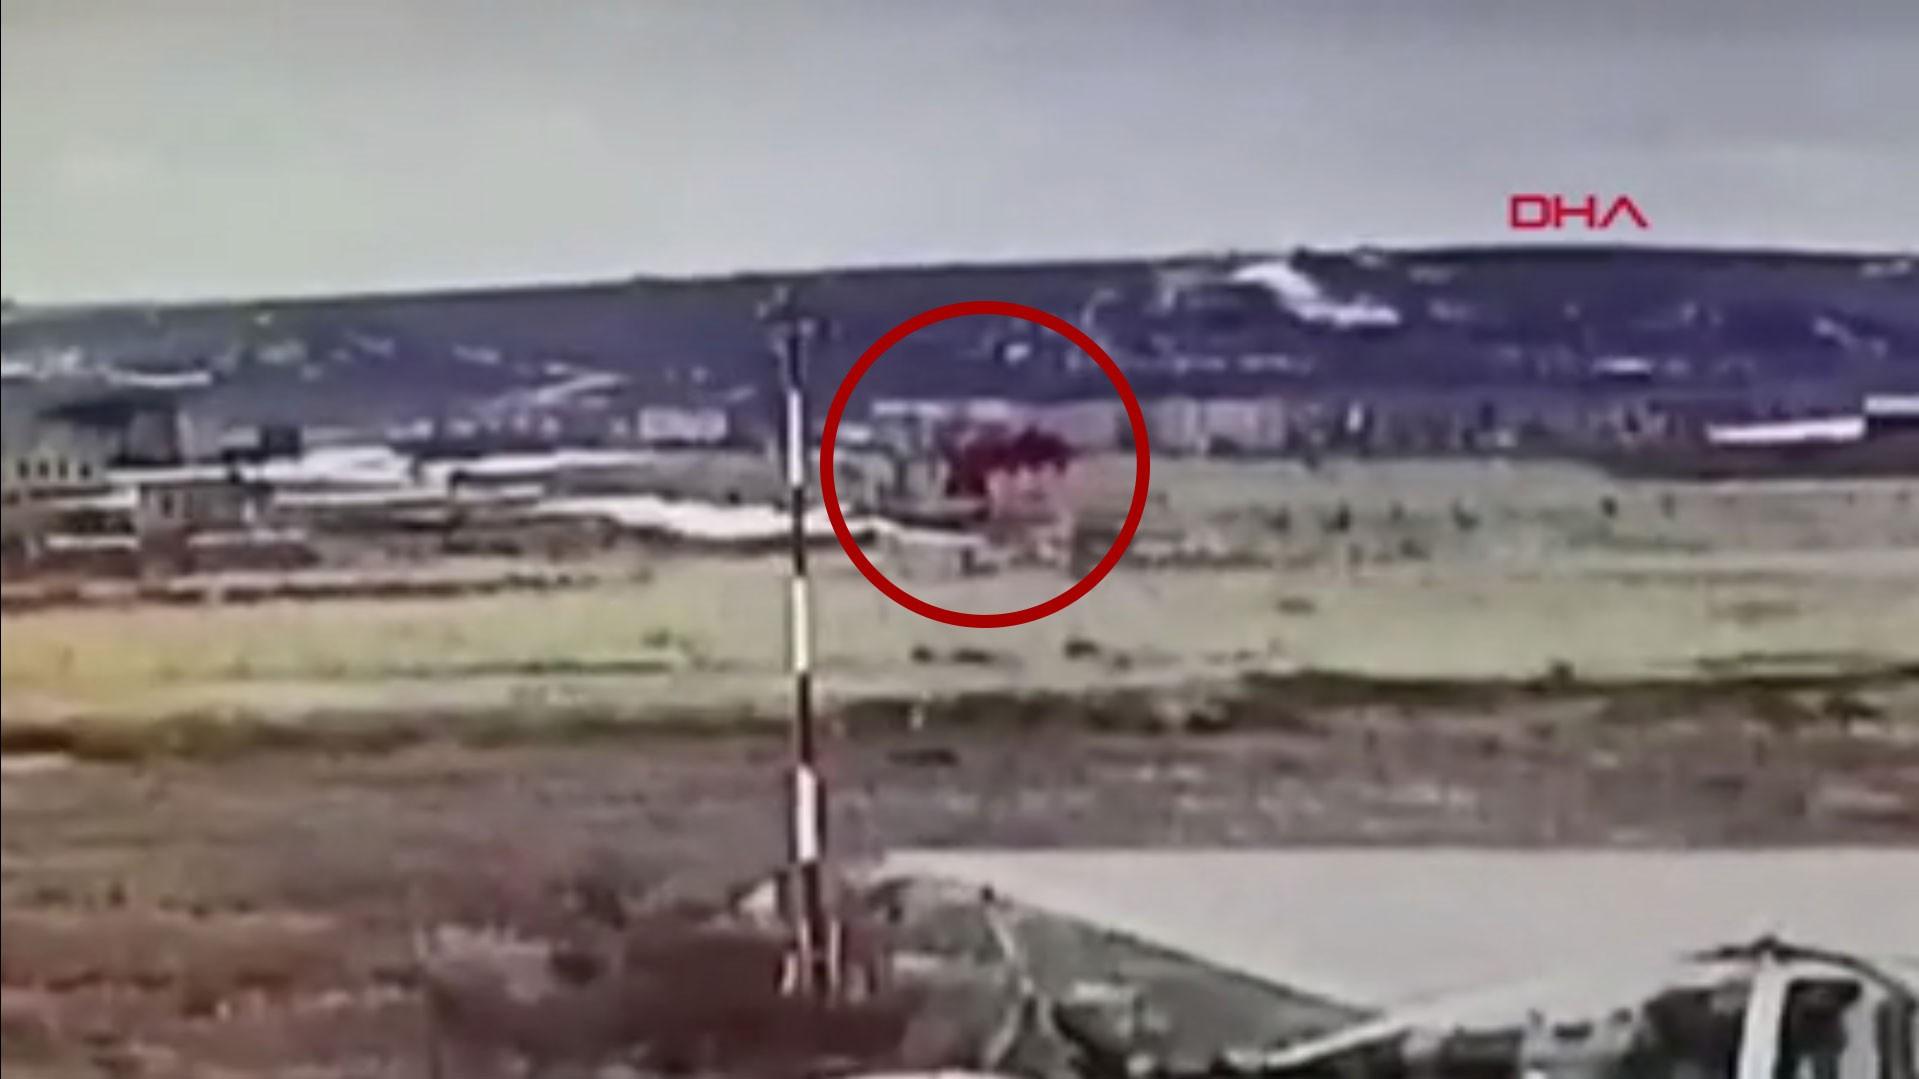 Rusya'da askeri helikopter yere çakıldı! Ölüler var